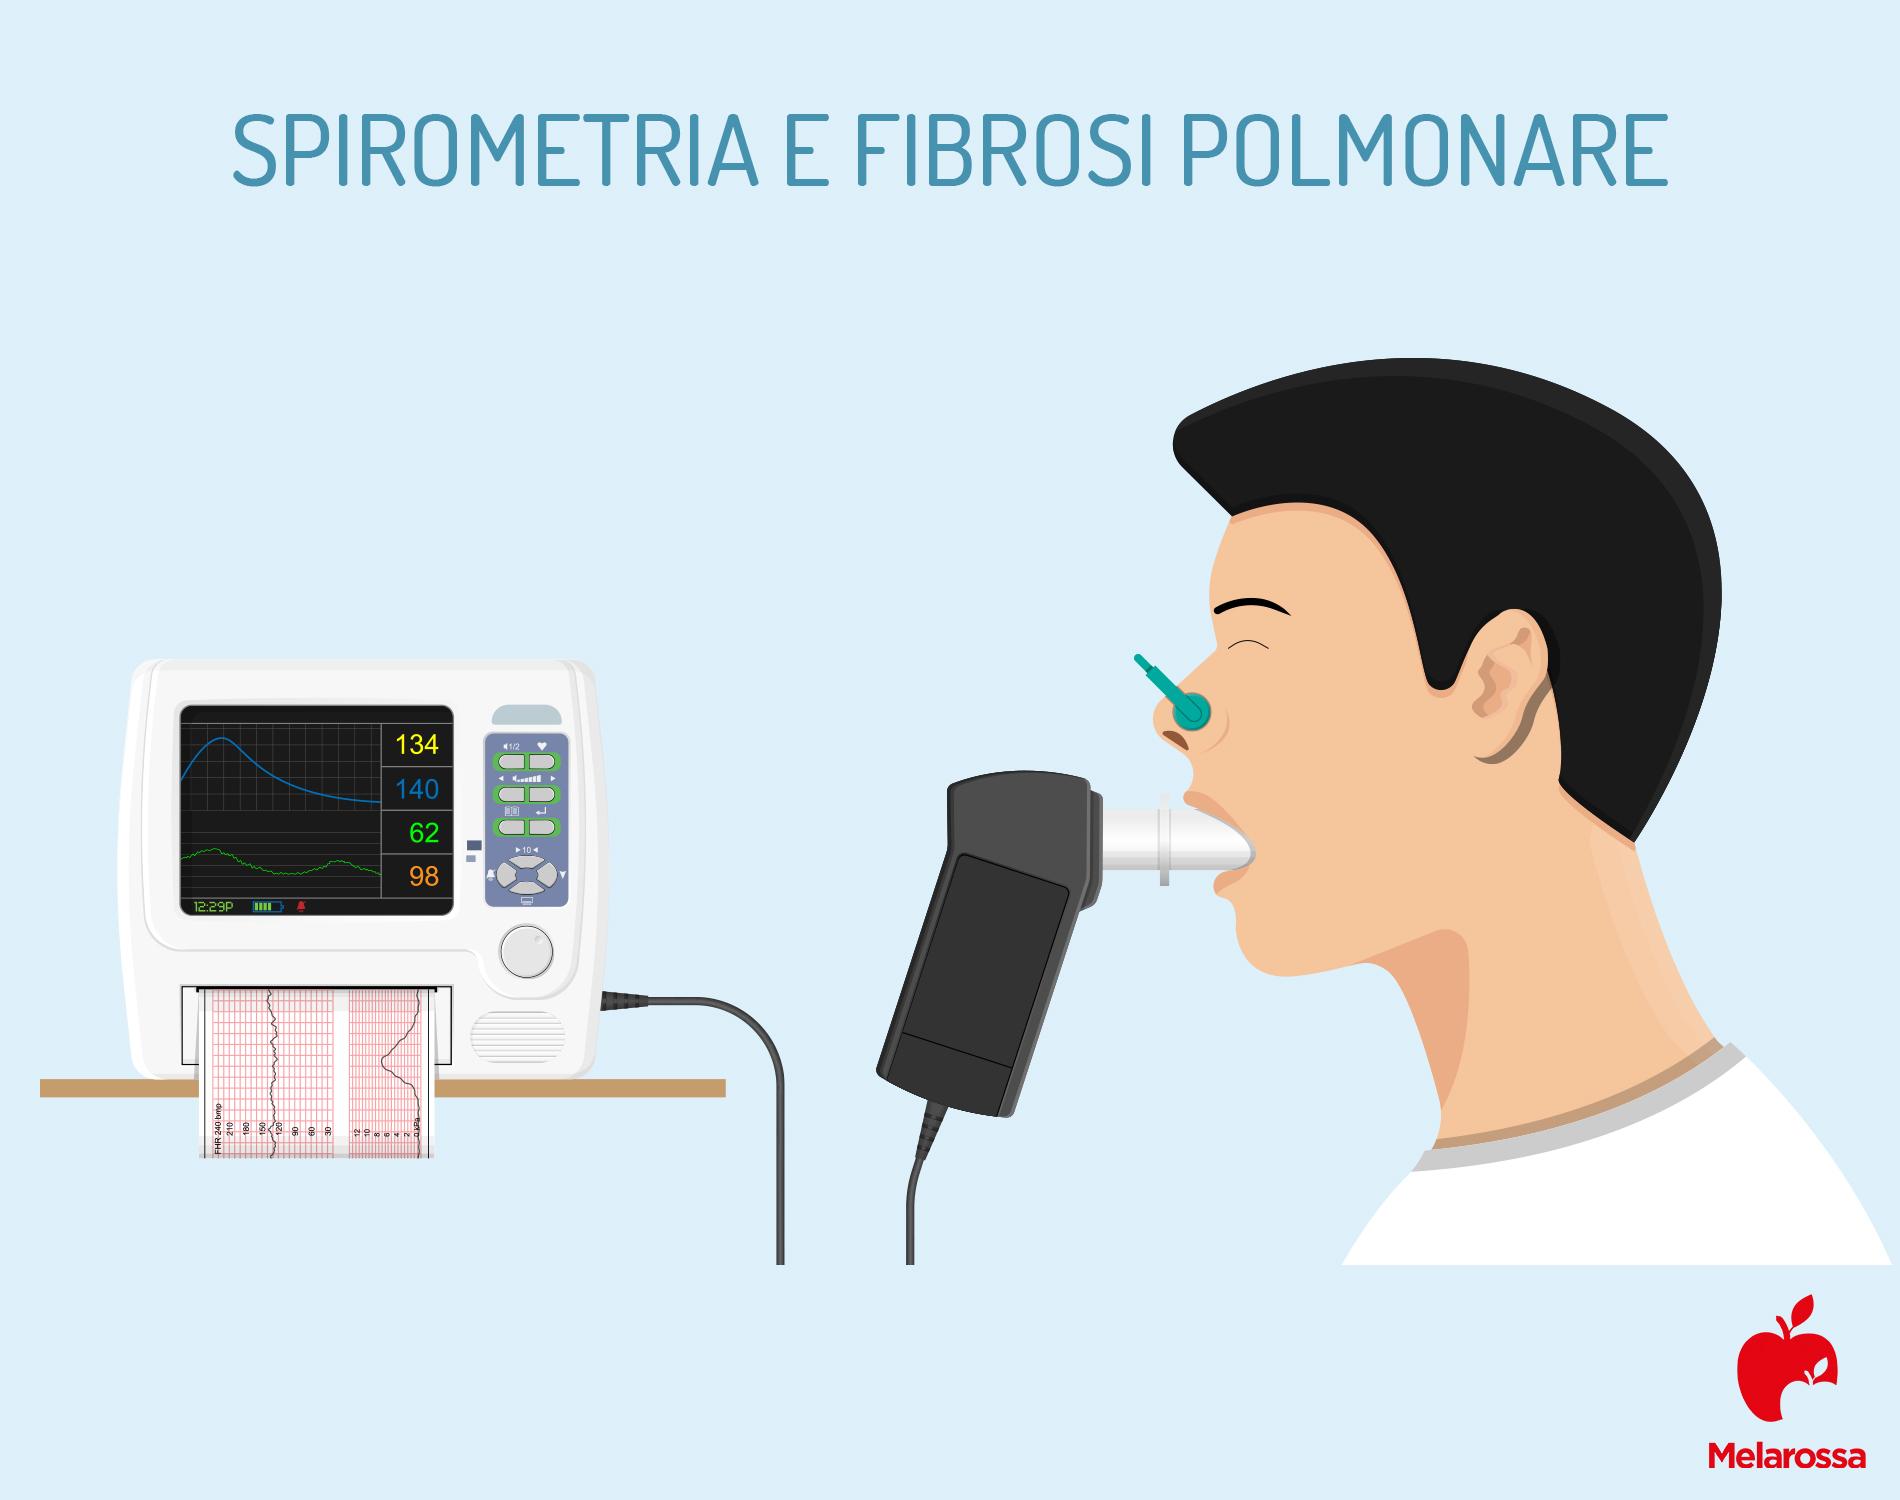 fibrosis pulmonar: espirometría